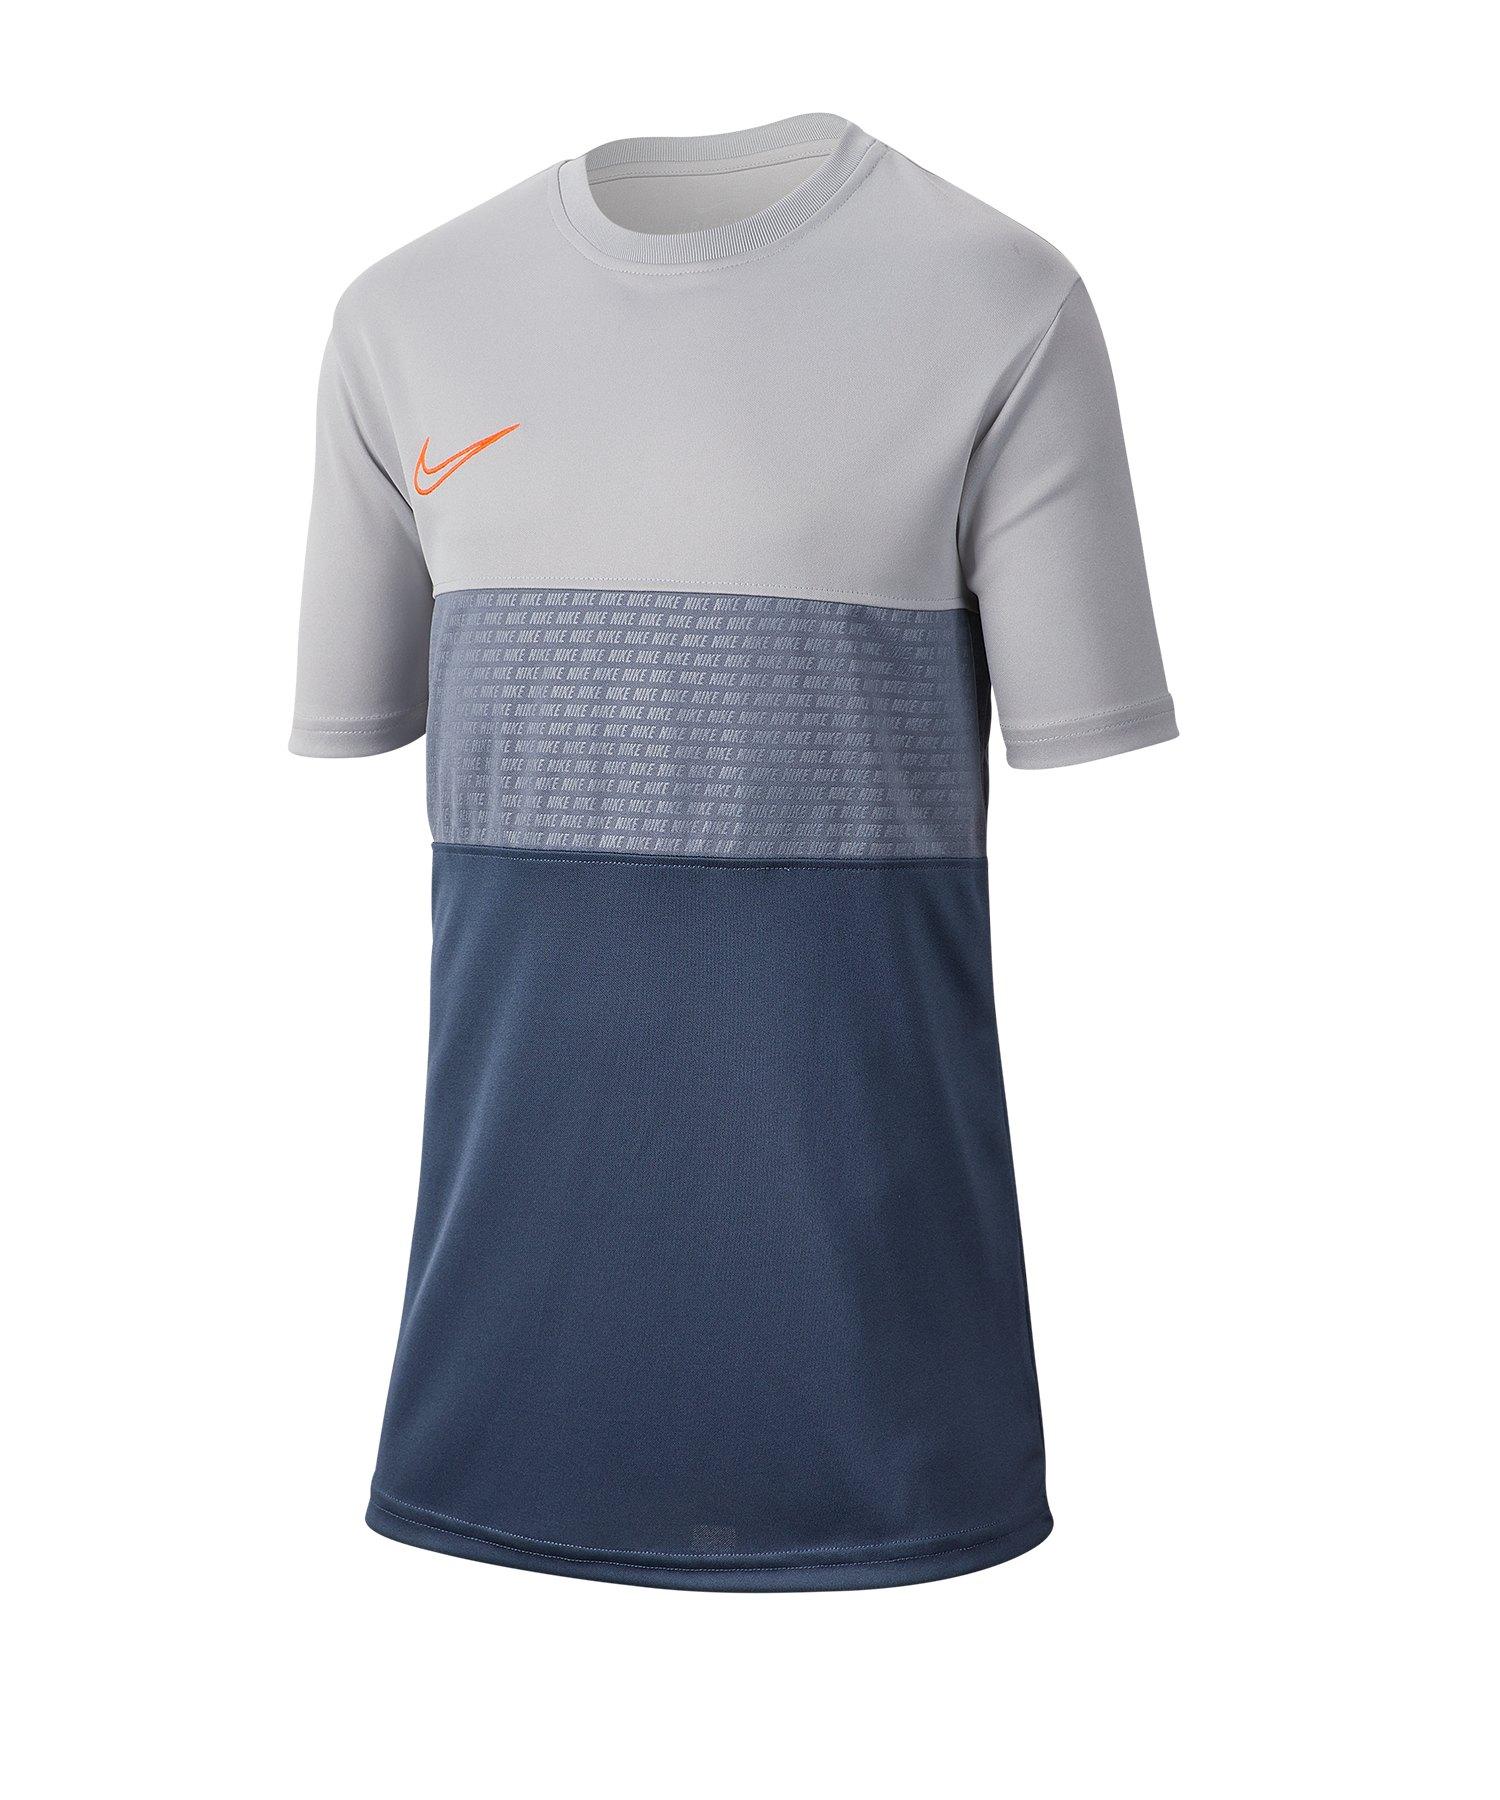 Nike Dri-FIT Academy Tee T-Shirt Kids Grau F012 - Grau